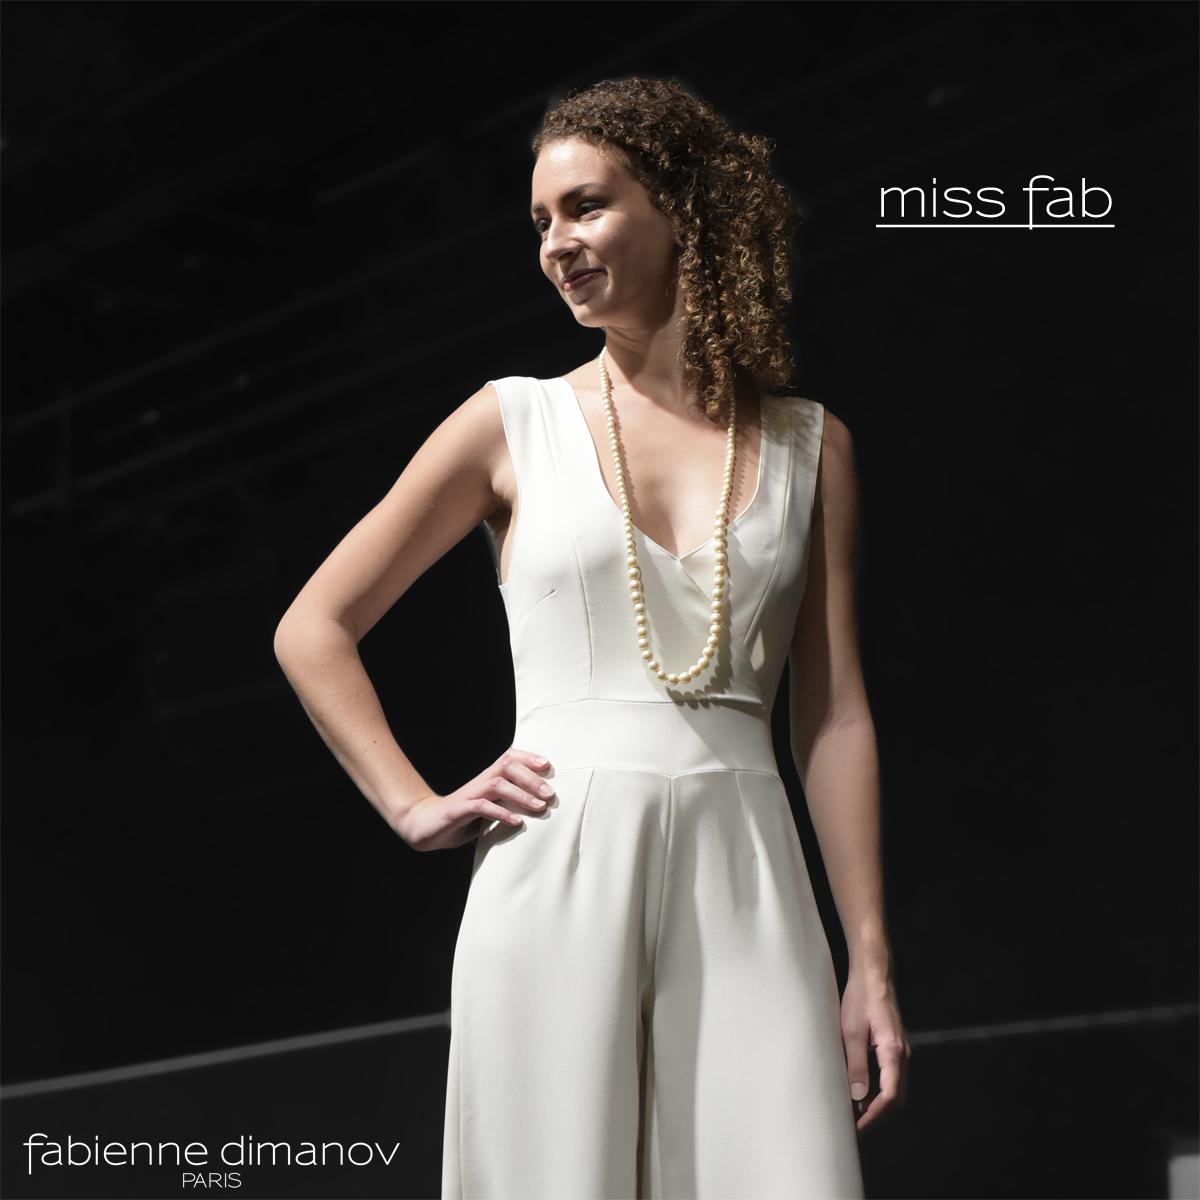 COMBI PATTE D'EPH IVOIRE - Miss Fab - Fabienne Dimanov Paris